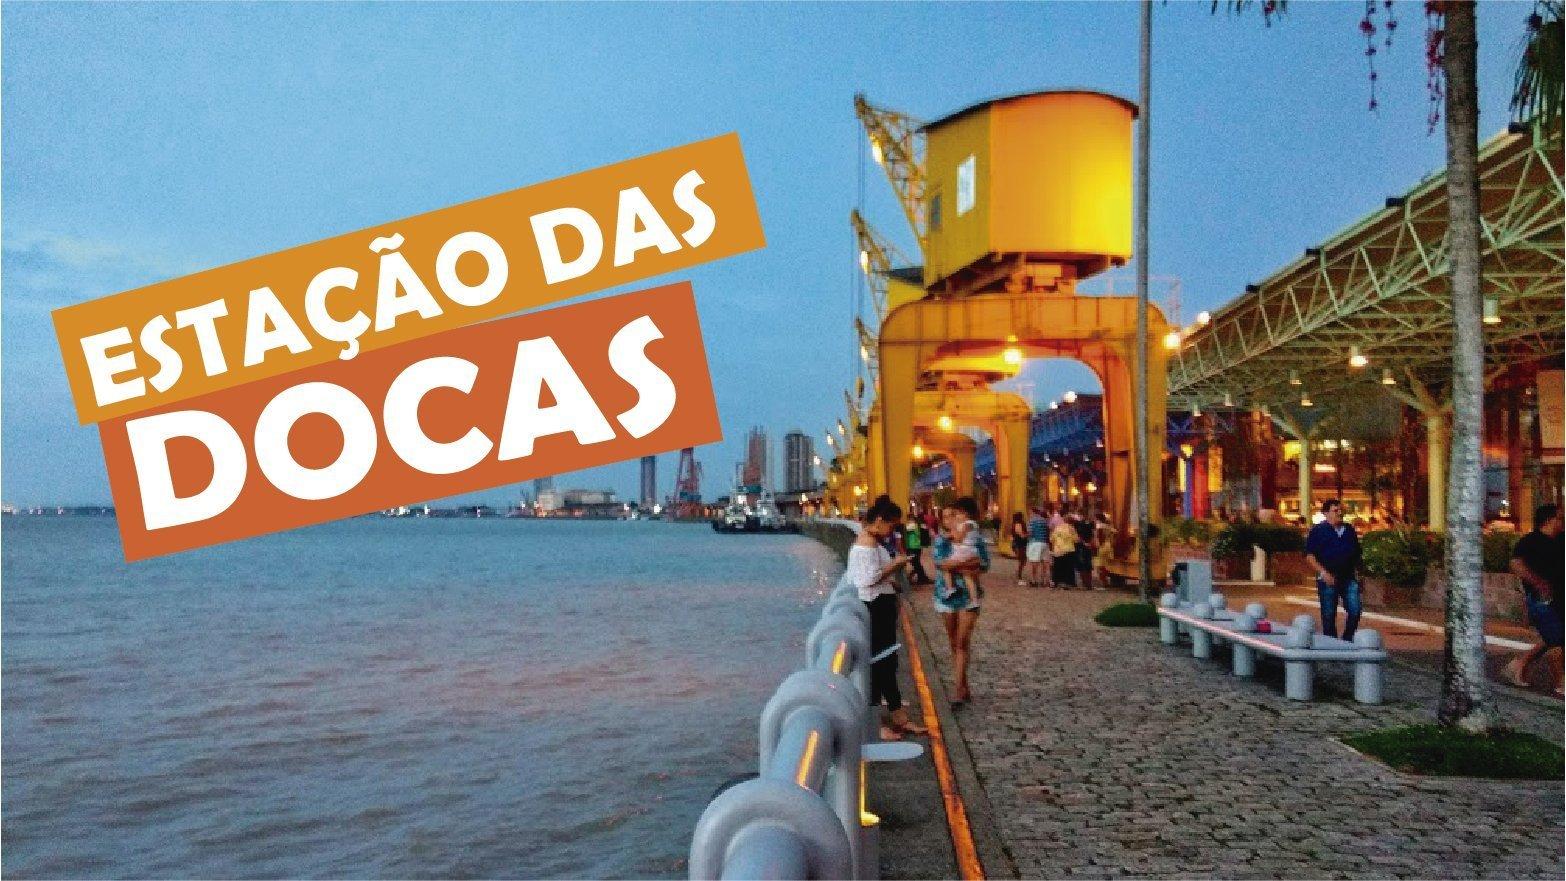 Estação das Docas em Belém do Pará